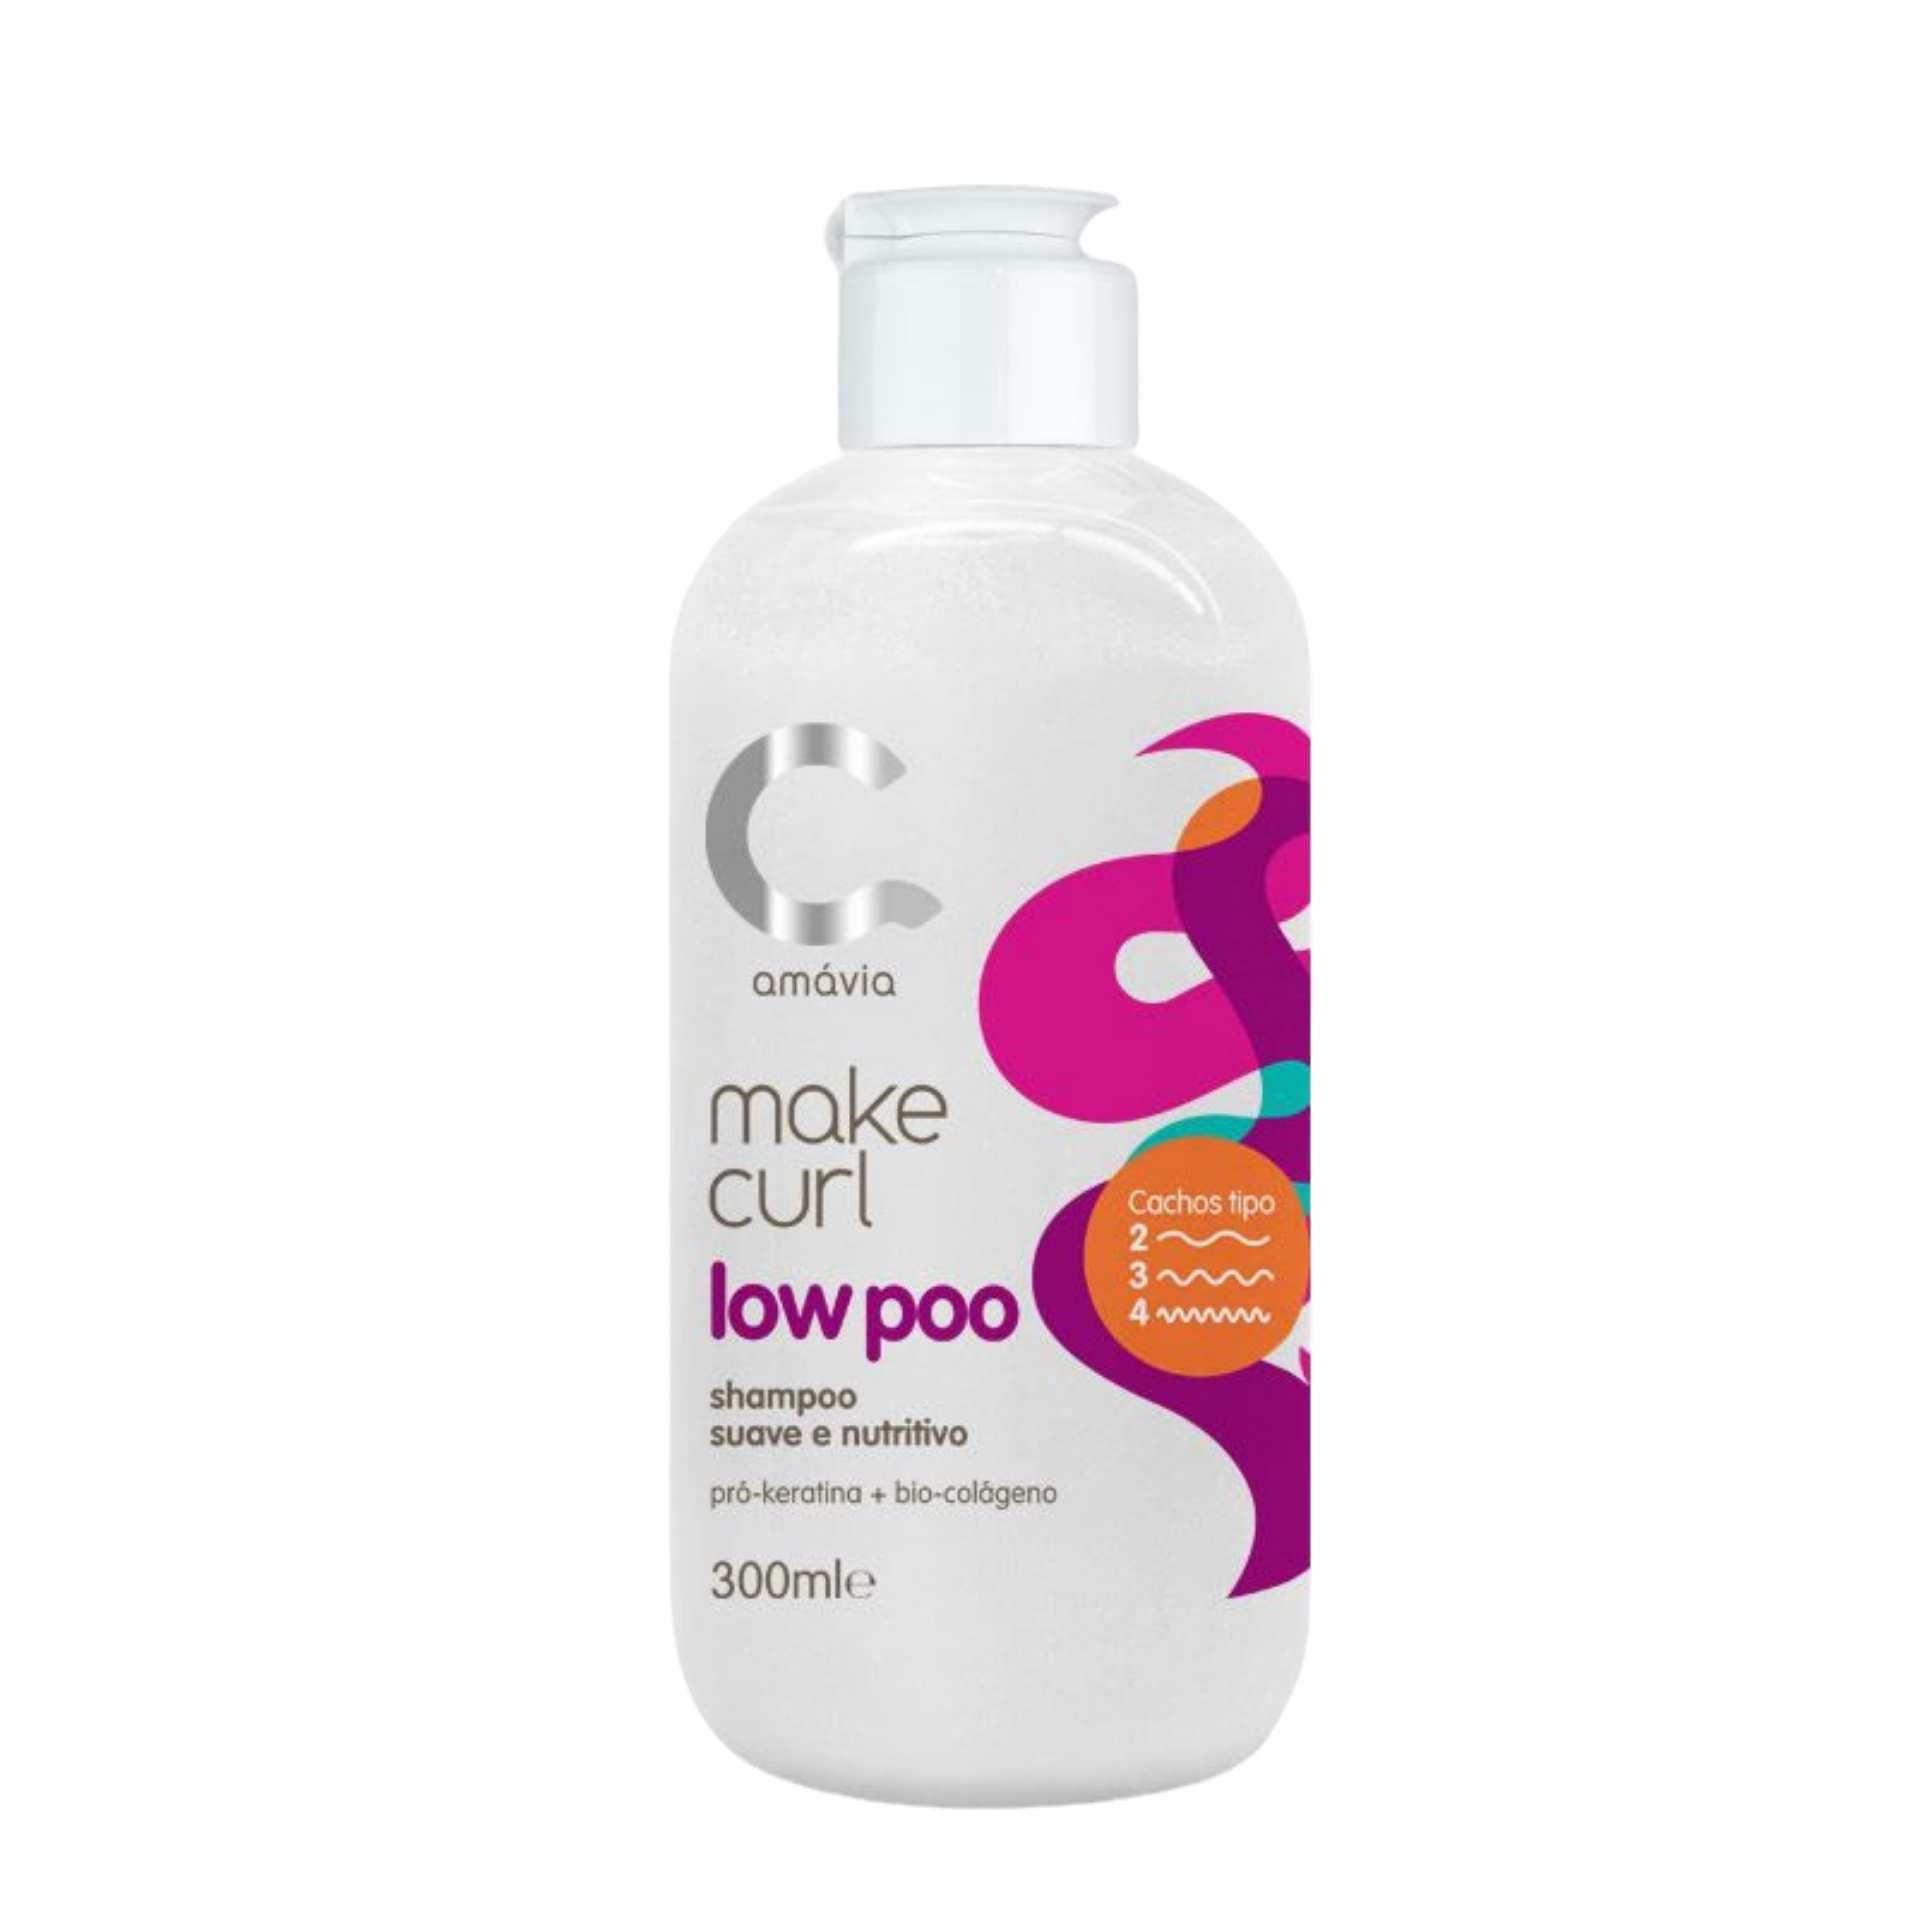 Amávia - Make Curl Shampoo Low Poo 300ml